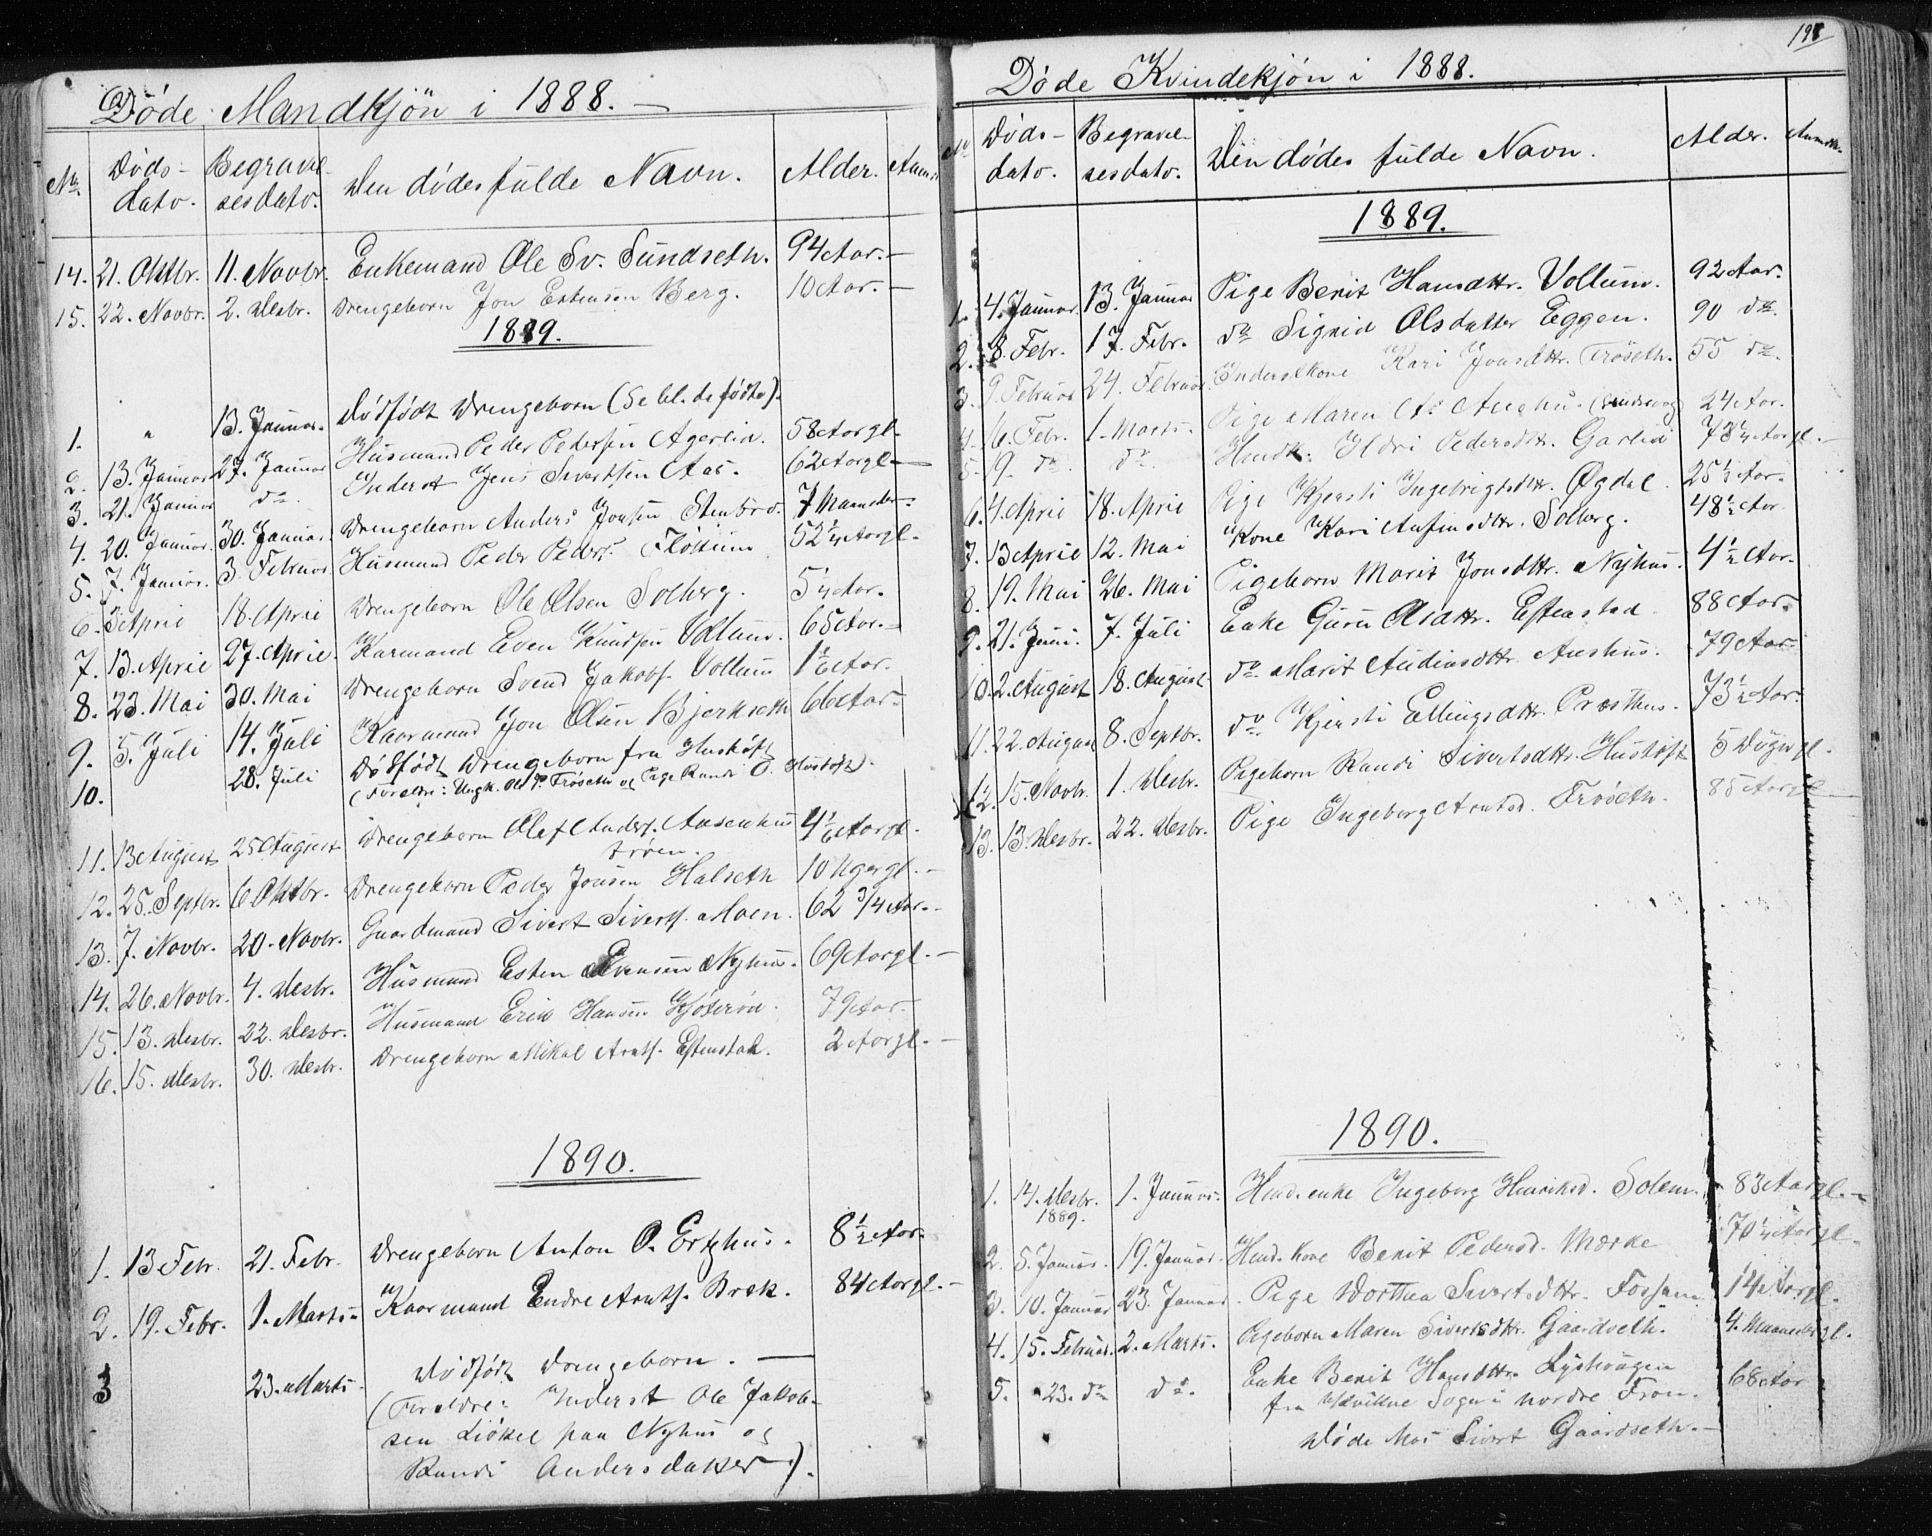 SAT, Ministerialprotokoller, klokkerbøker og fødselsregistre - Sør-Trøndelag, 689/L1043: Klokkerbok nr. 689C02, 1816-1892, s. 197